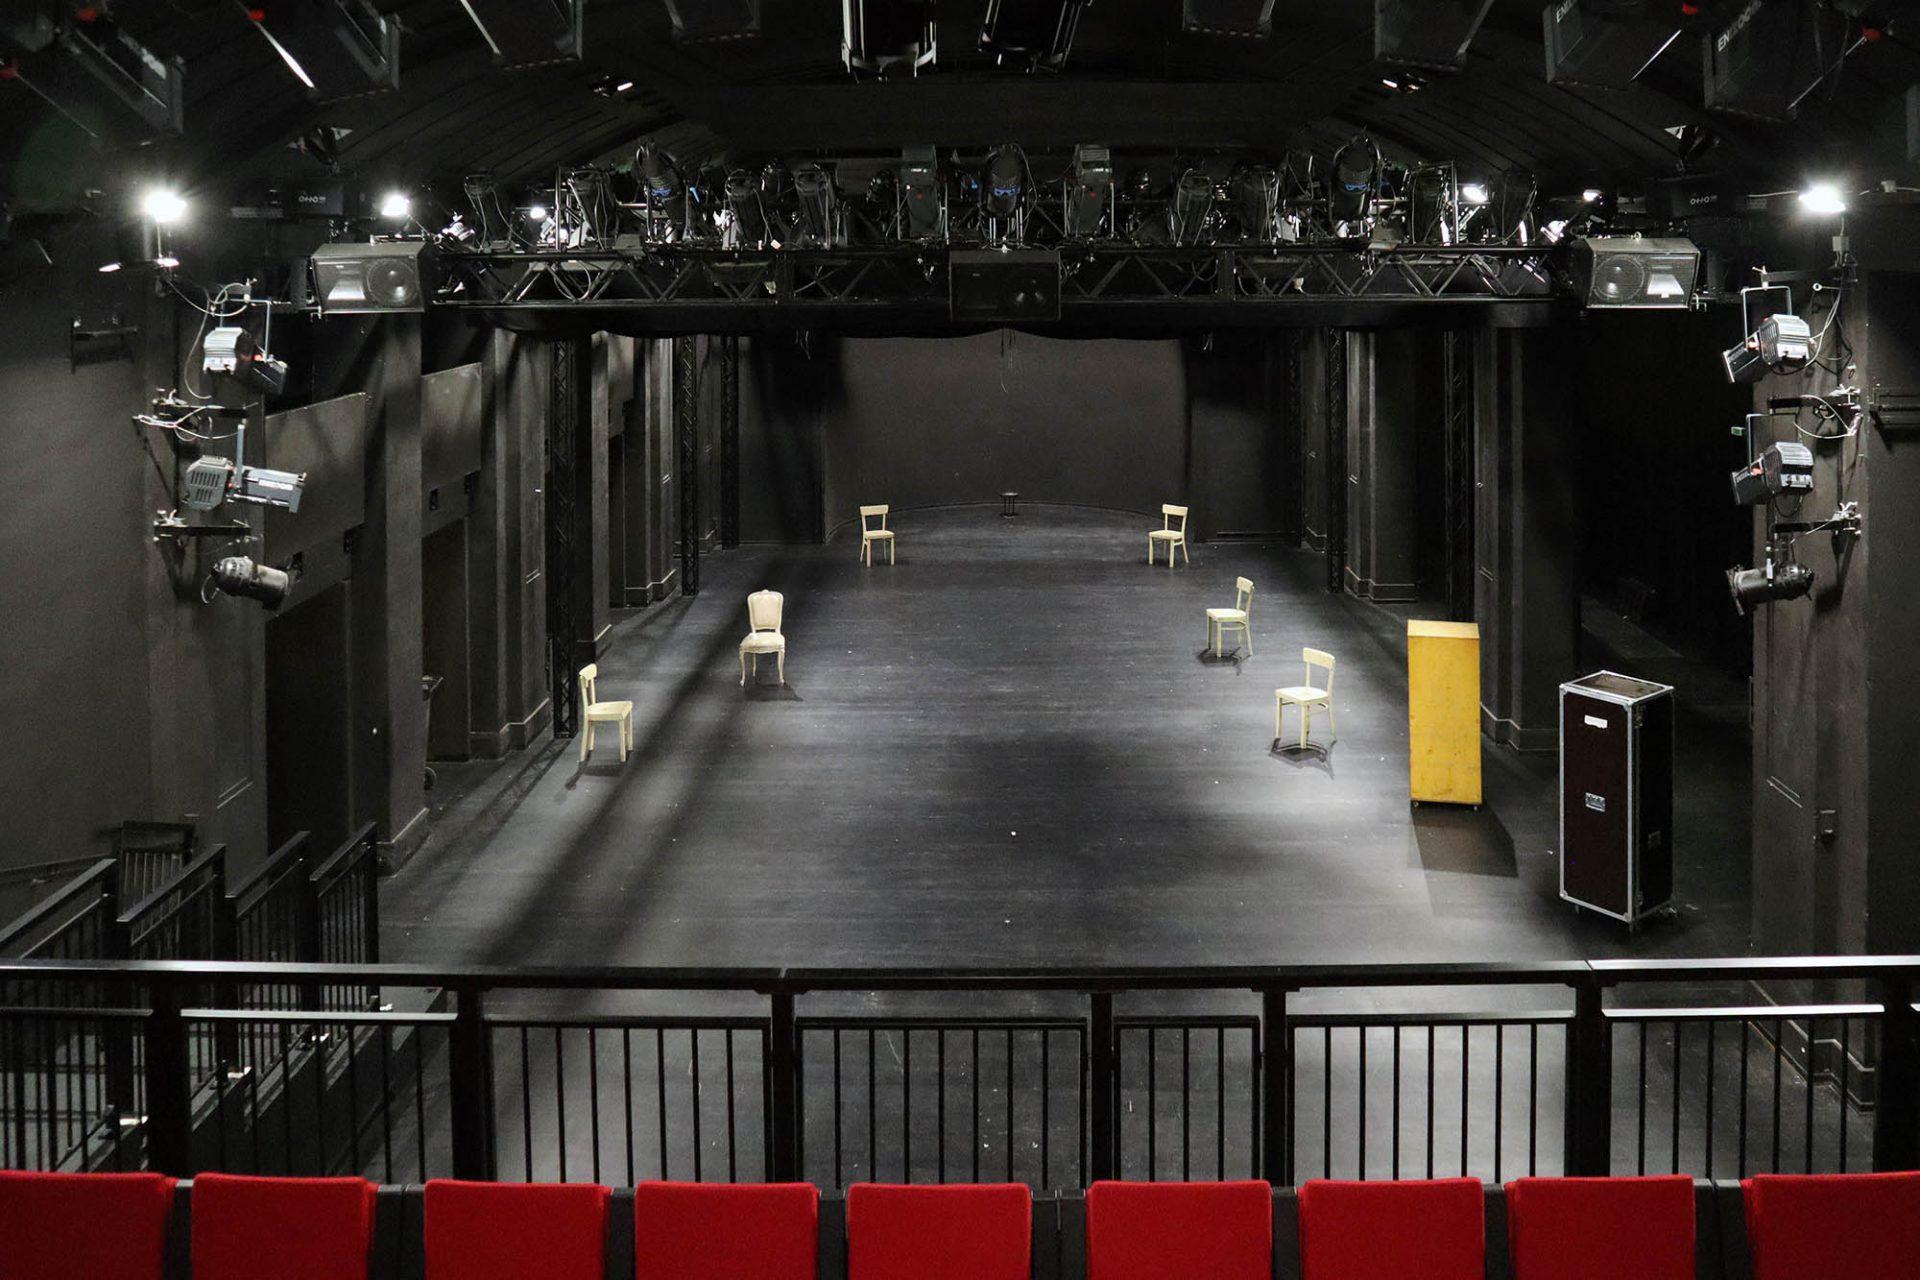 Theater an der Ruhr. Der frühere Kursaal mit gewölbter Decke und Orchestermuschel ist heute die zentrale Spielstätte des Theaters.